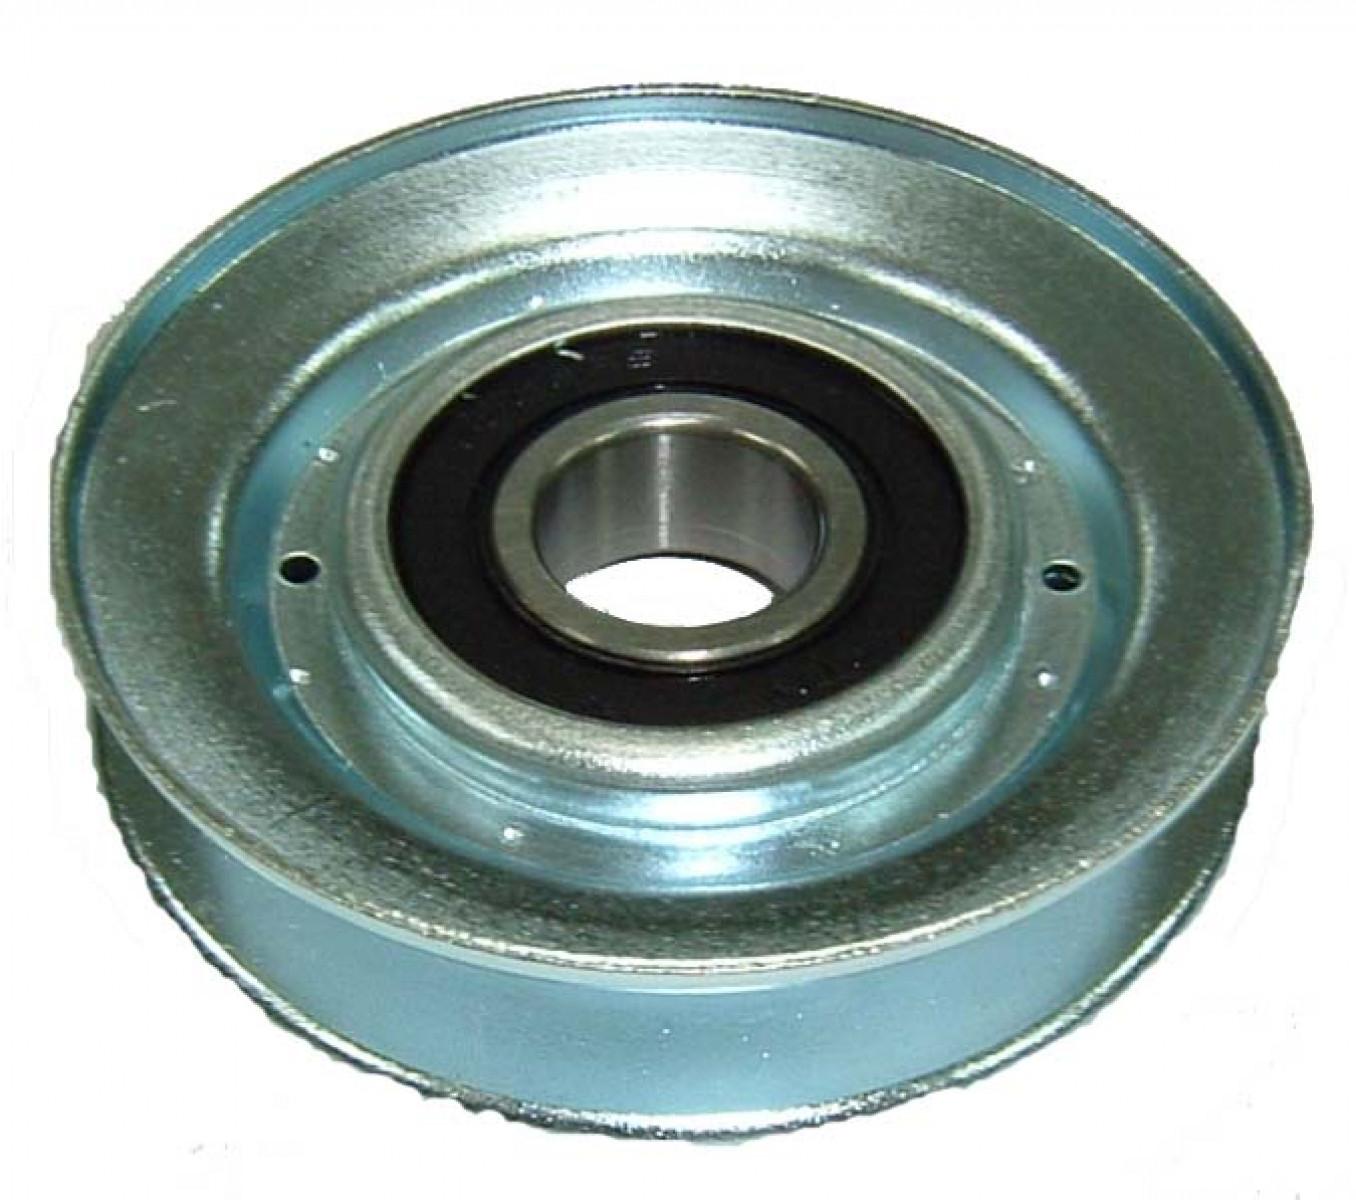 Napínák klínového řemene pohonu a pojezdu AJ SECO SNAPPER Vnitřní V3000-3316